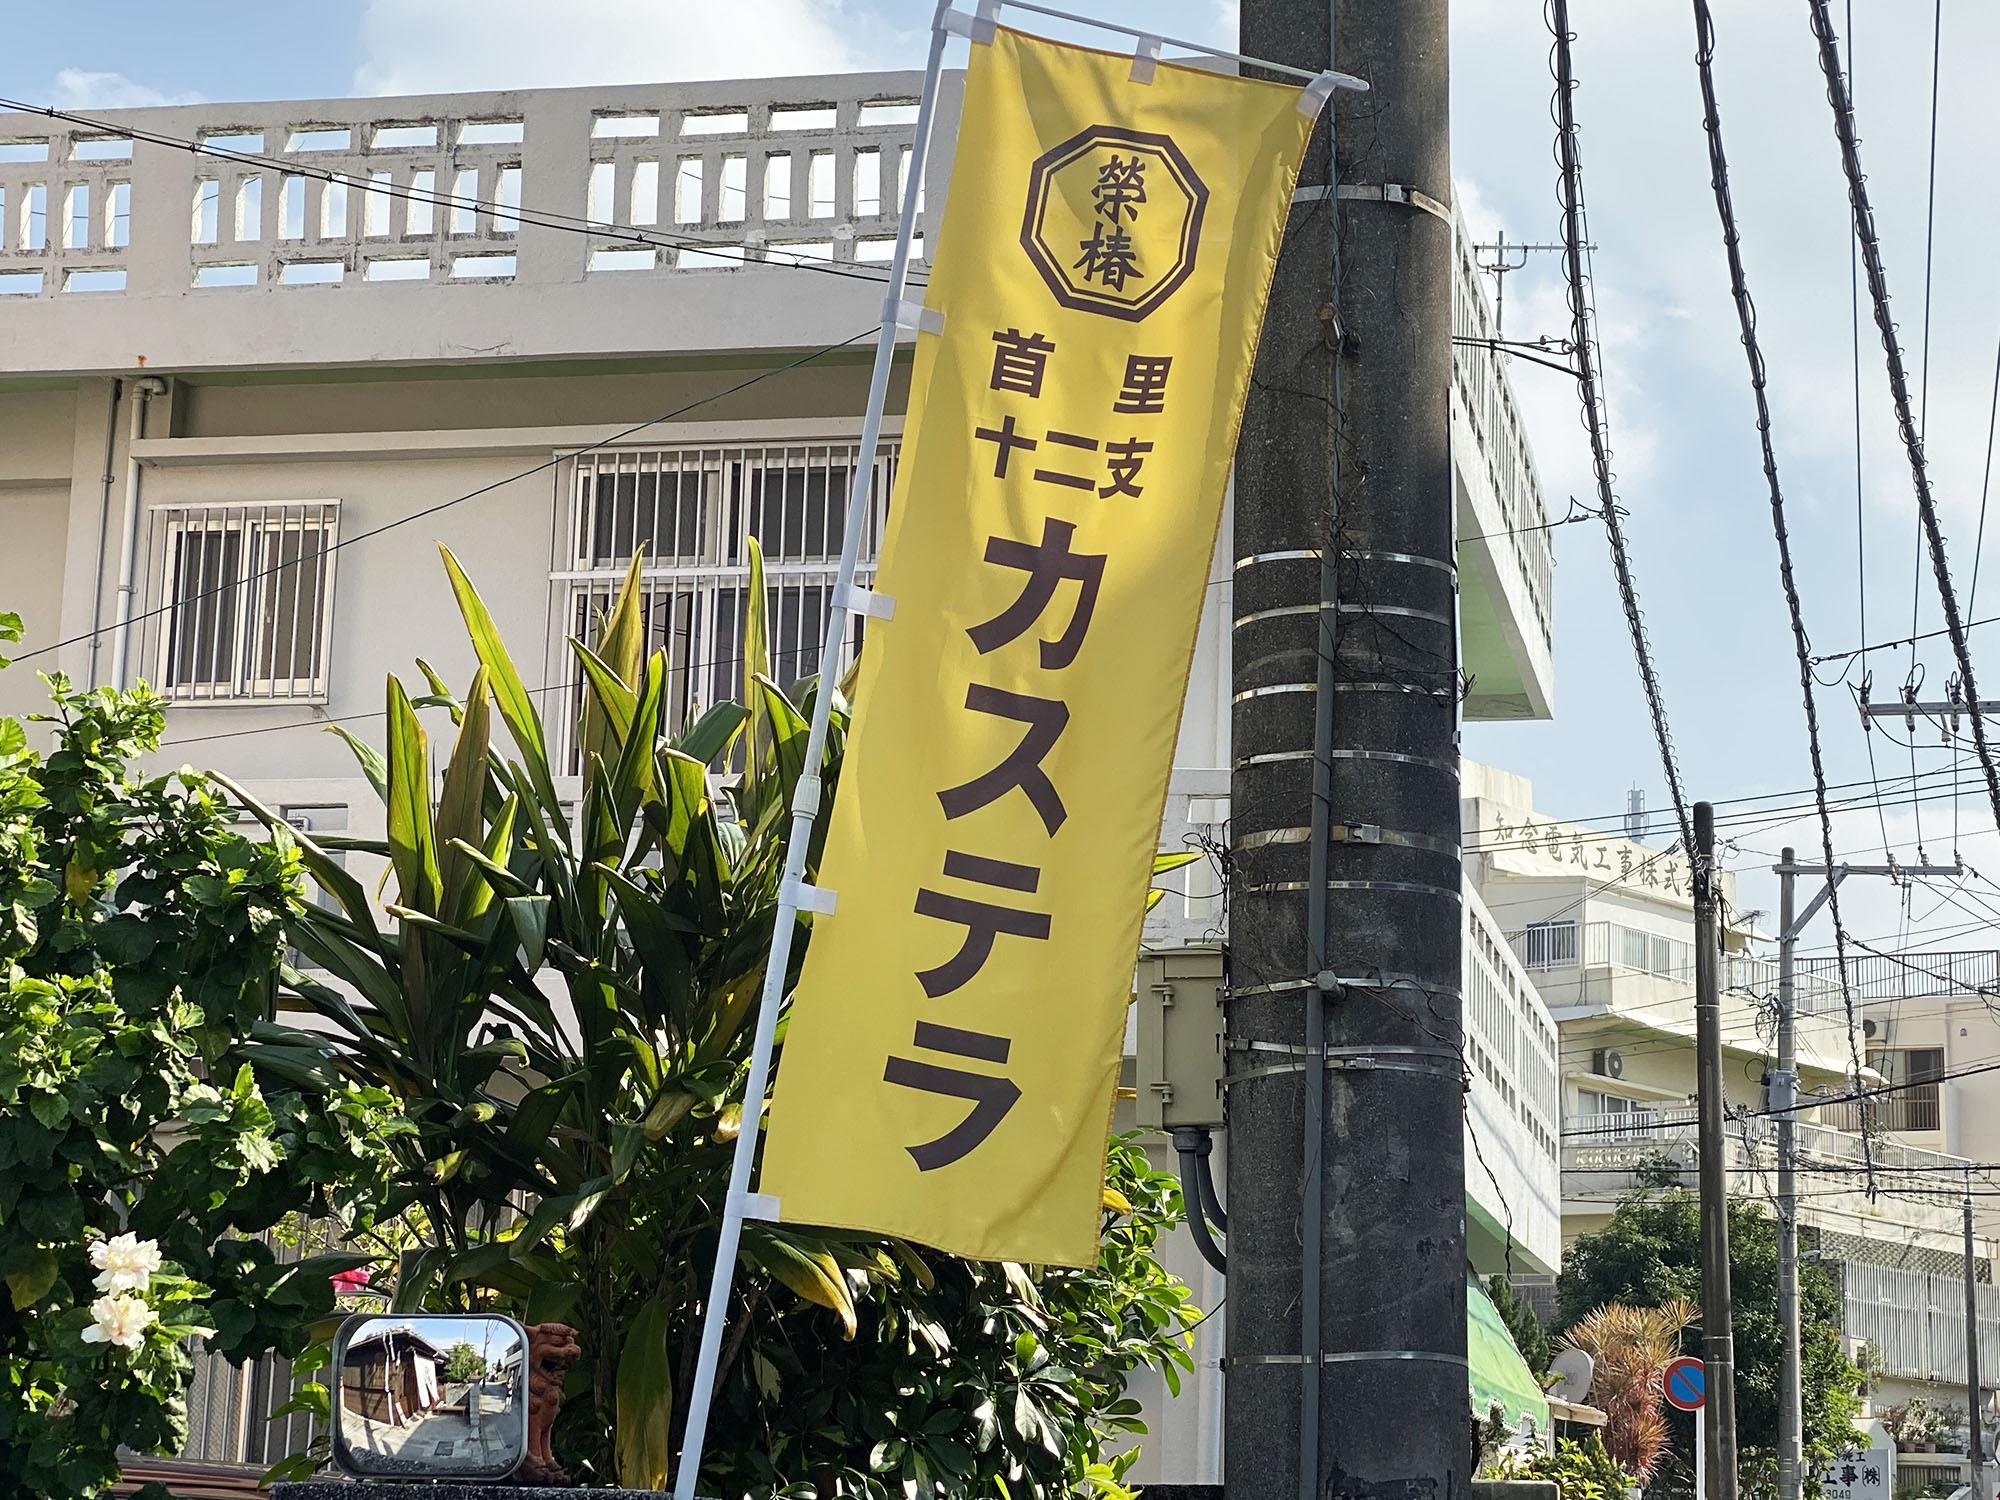 榮椿(えいちん)EICHIN|那覇市首里儀保町にある「首里十二支カステラ」のお店|まちやーワールド